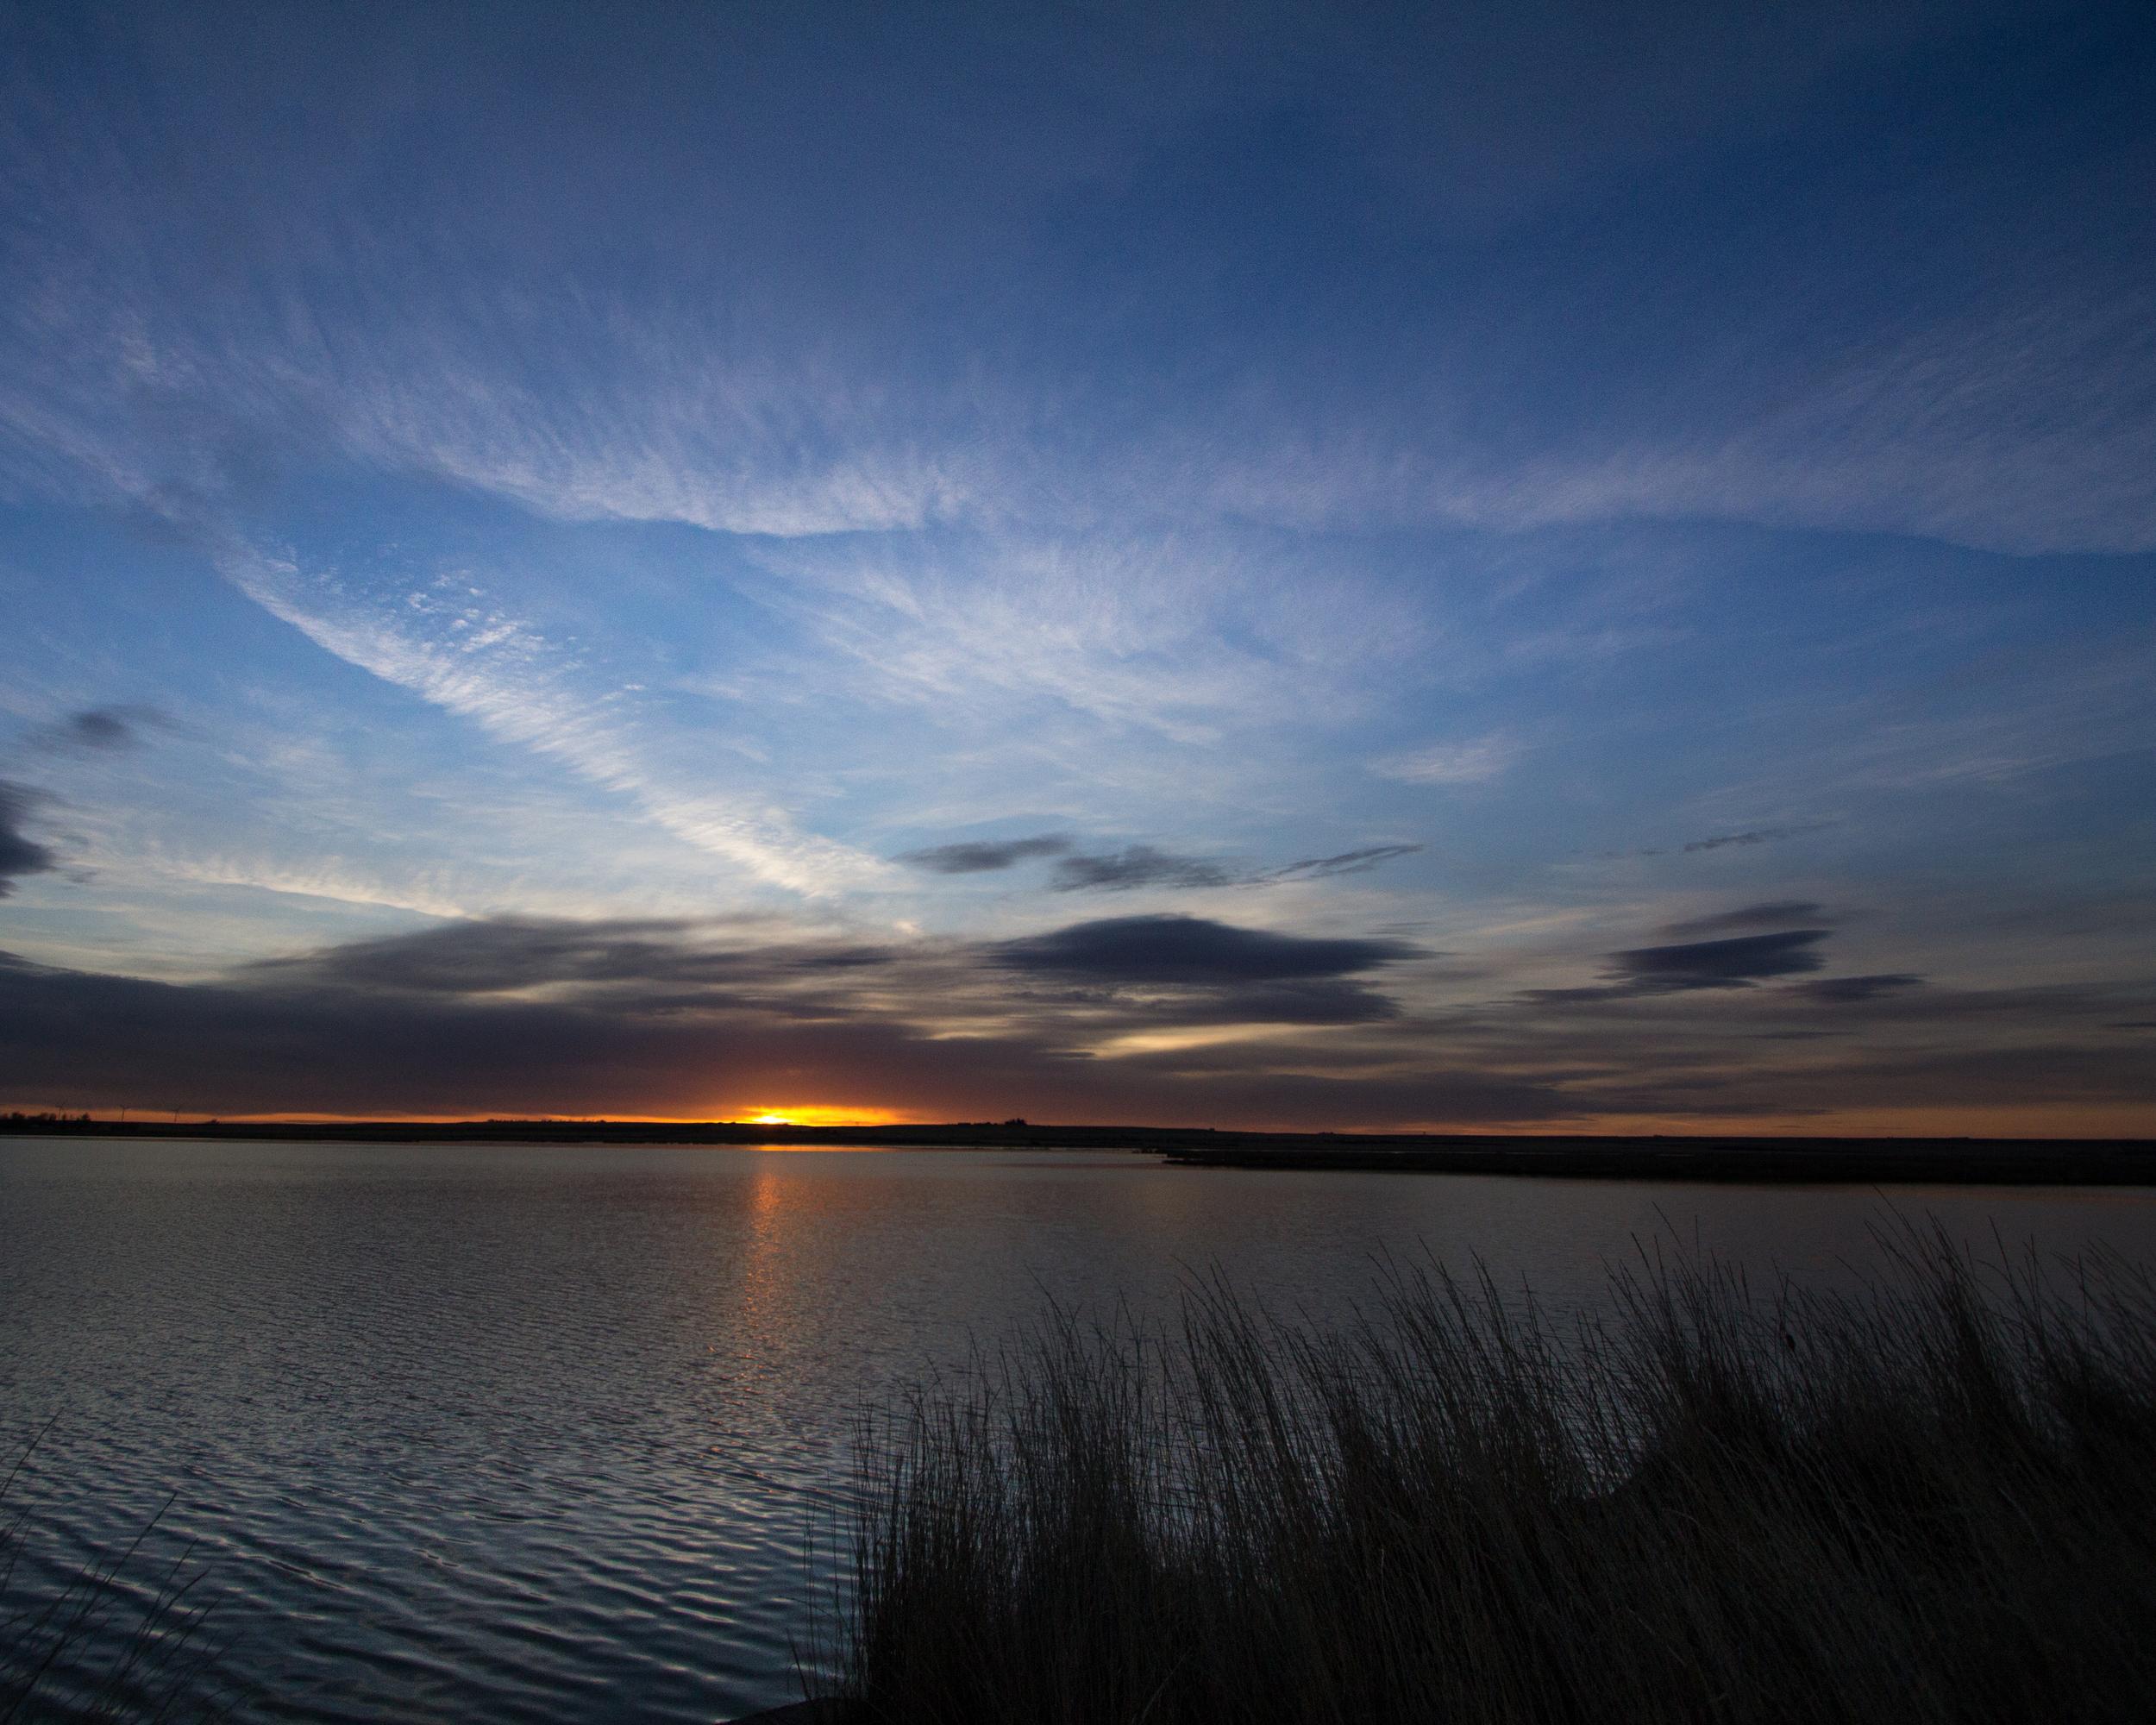 Sunset, Freezeout Lake WMA